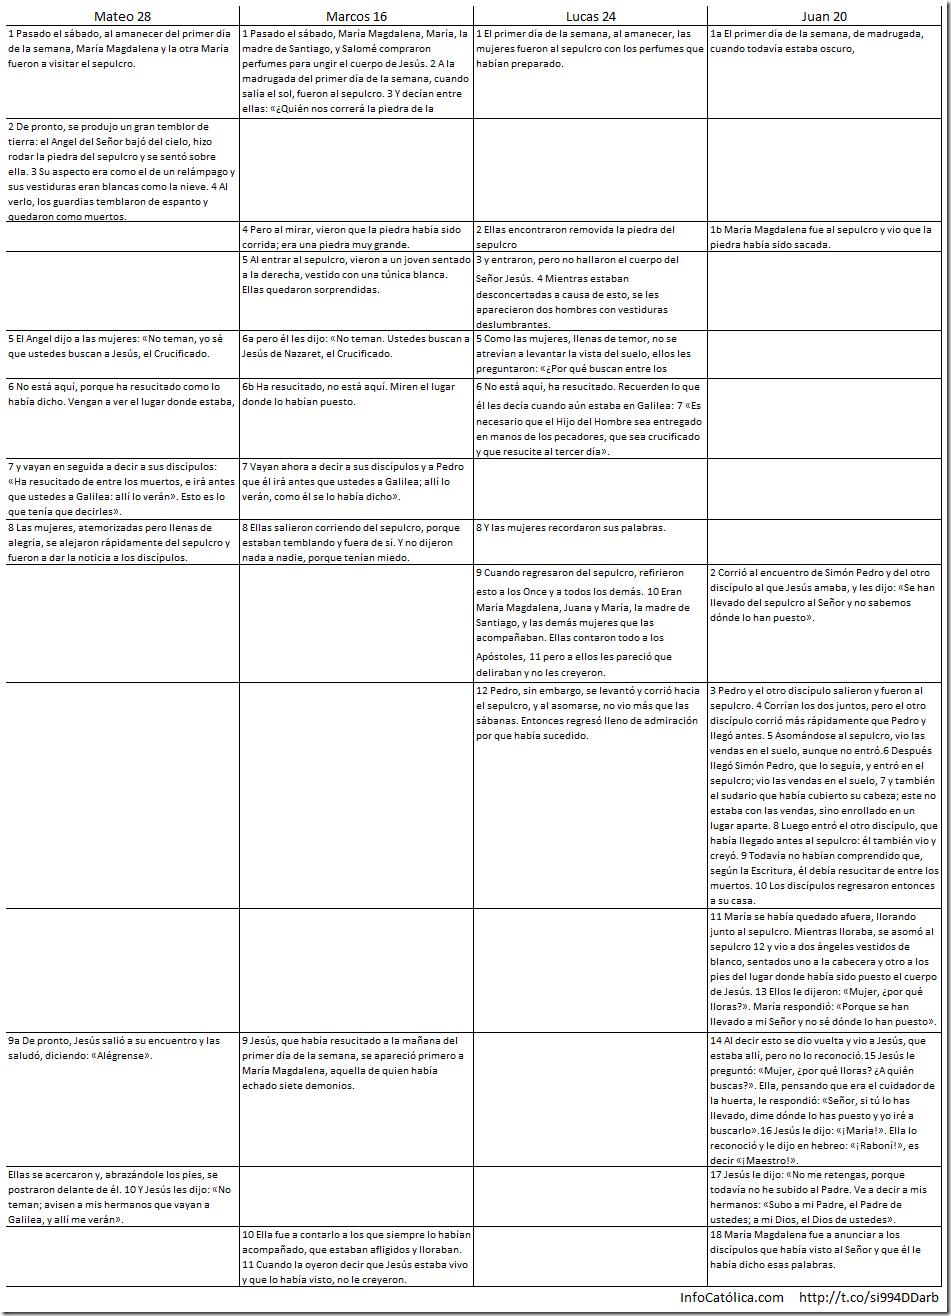 Compaginando los relatos de la resurrección (parte III)